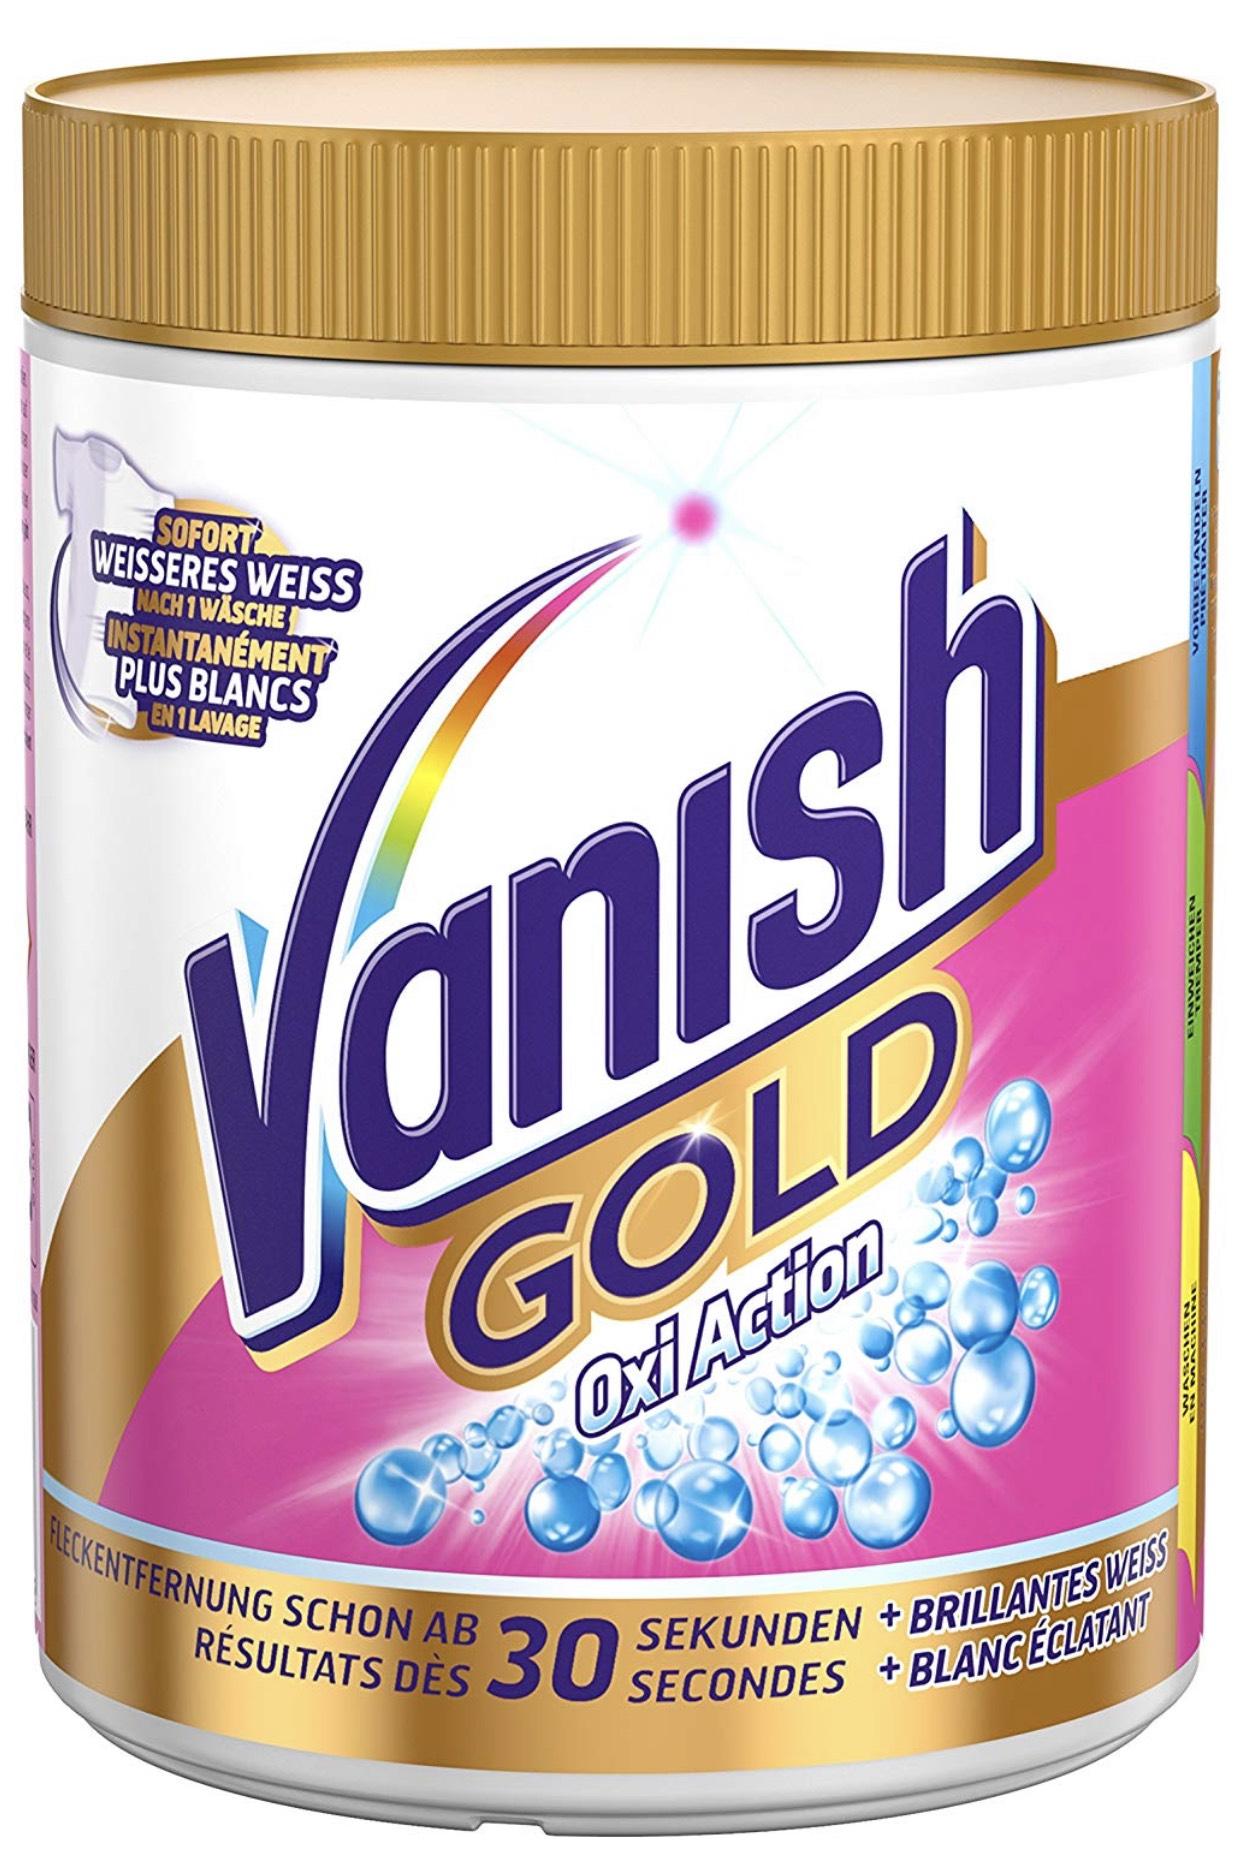 Vanish GOLD Oxi Action Pulver für Weiße Wäsche um 5,58€ (Spar-Abo)